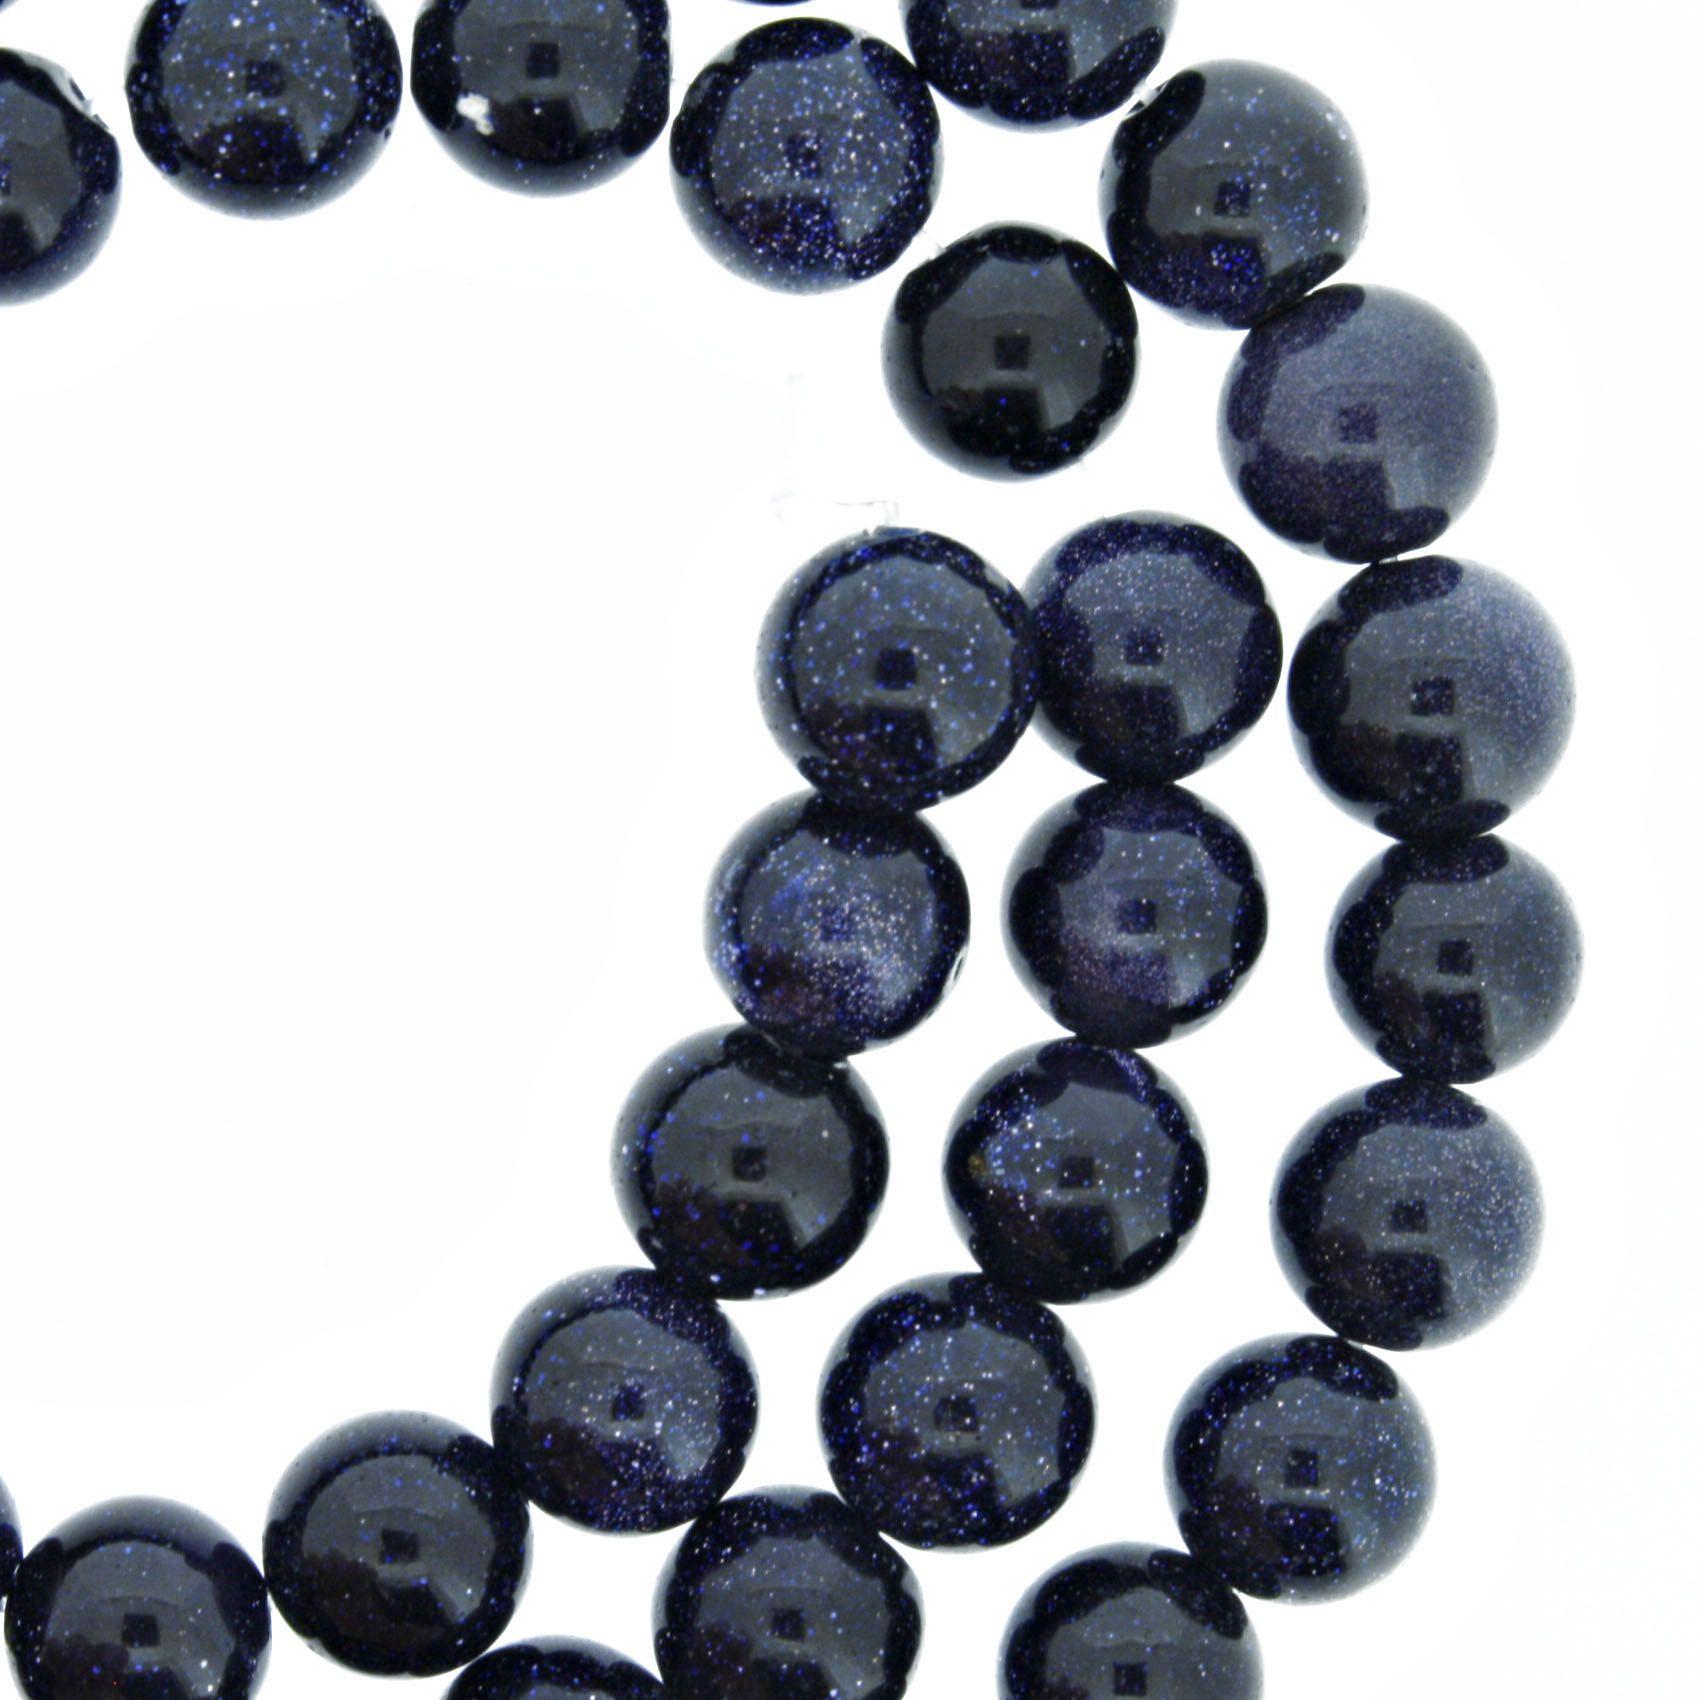 Fio de Pedra - Pietra® - Pedra Estrela - 8mm  - Universo Religioso® - Artigos de Umbanda e Candomblé